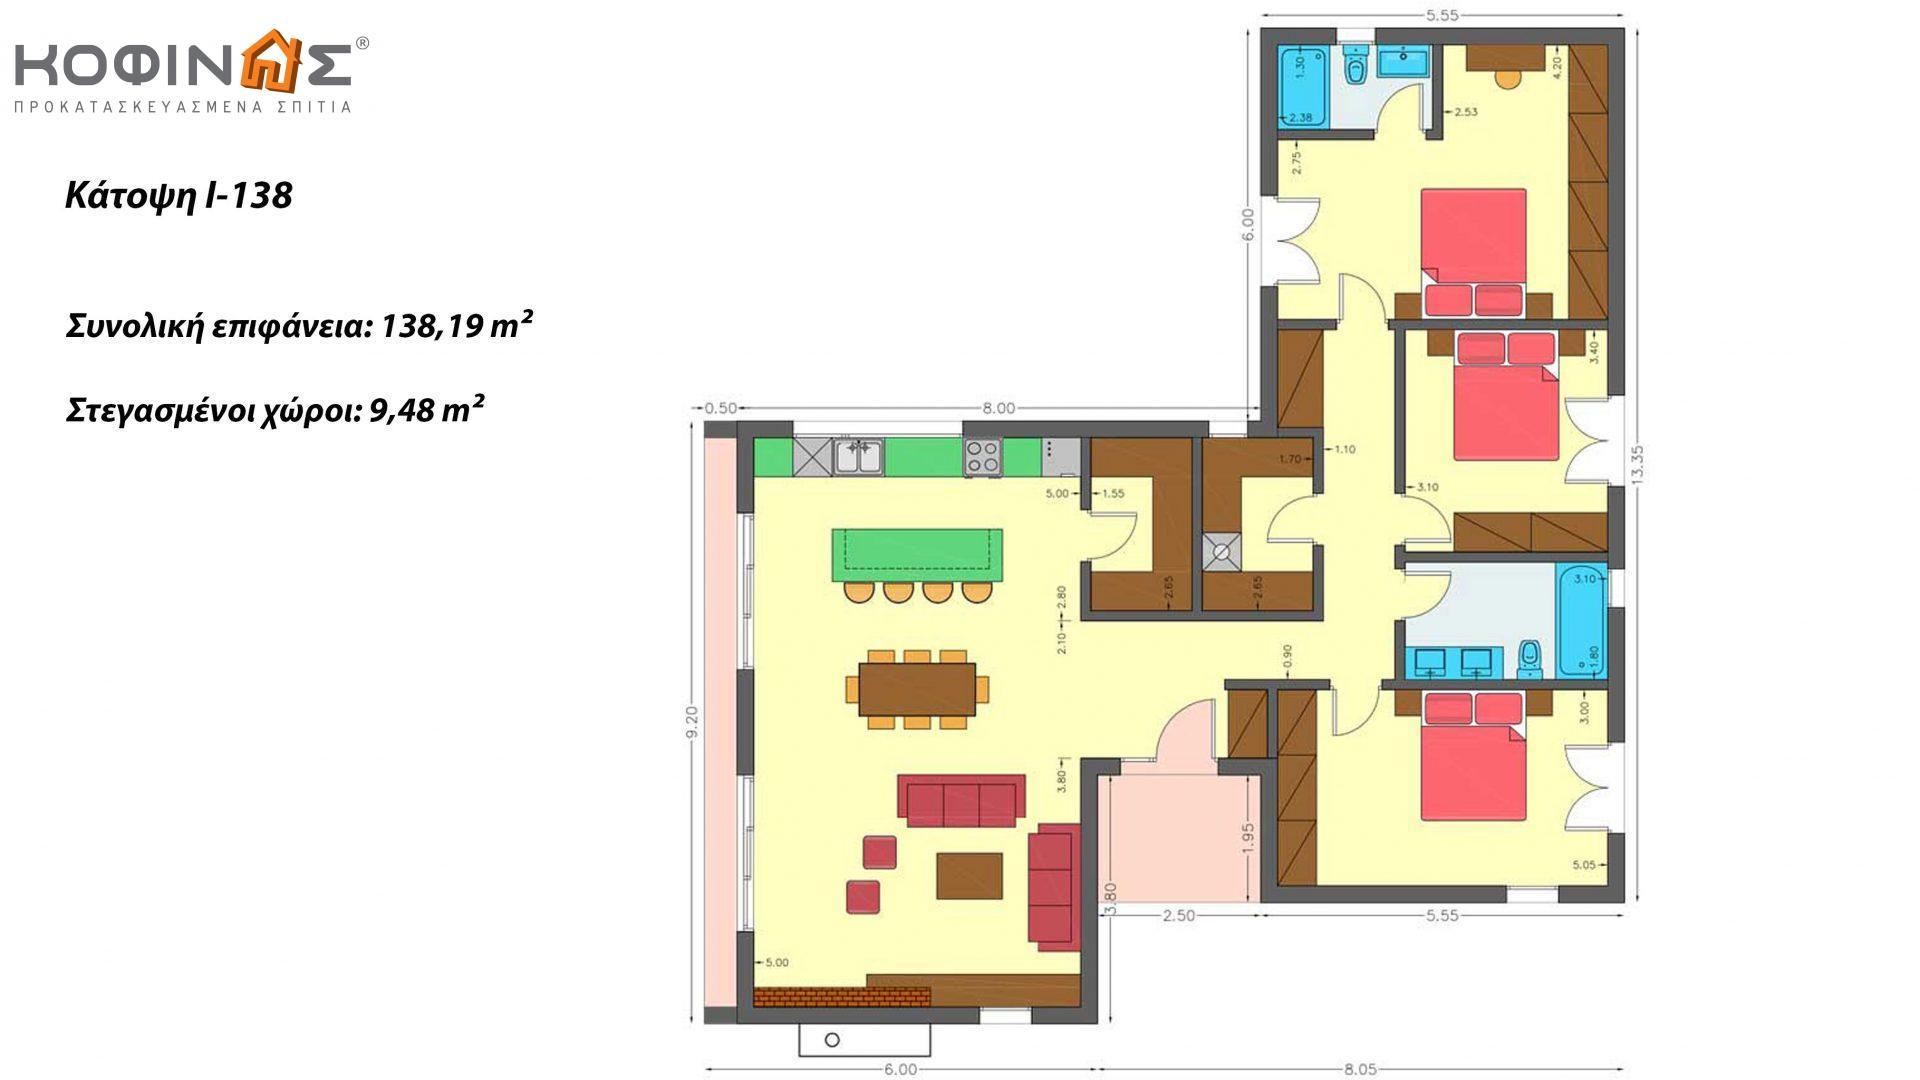 Ισόγεια κατοικία Ι-138, συνολικής επιφάνειας 138,19 τ.μ.